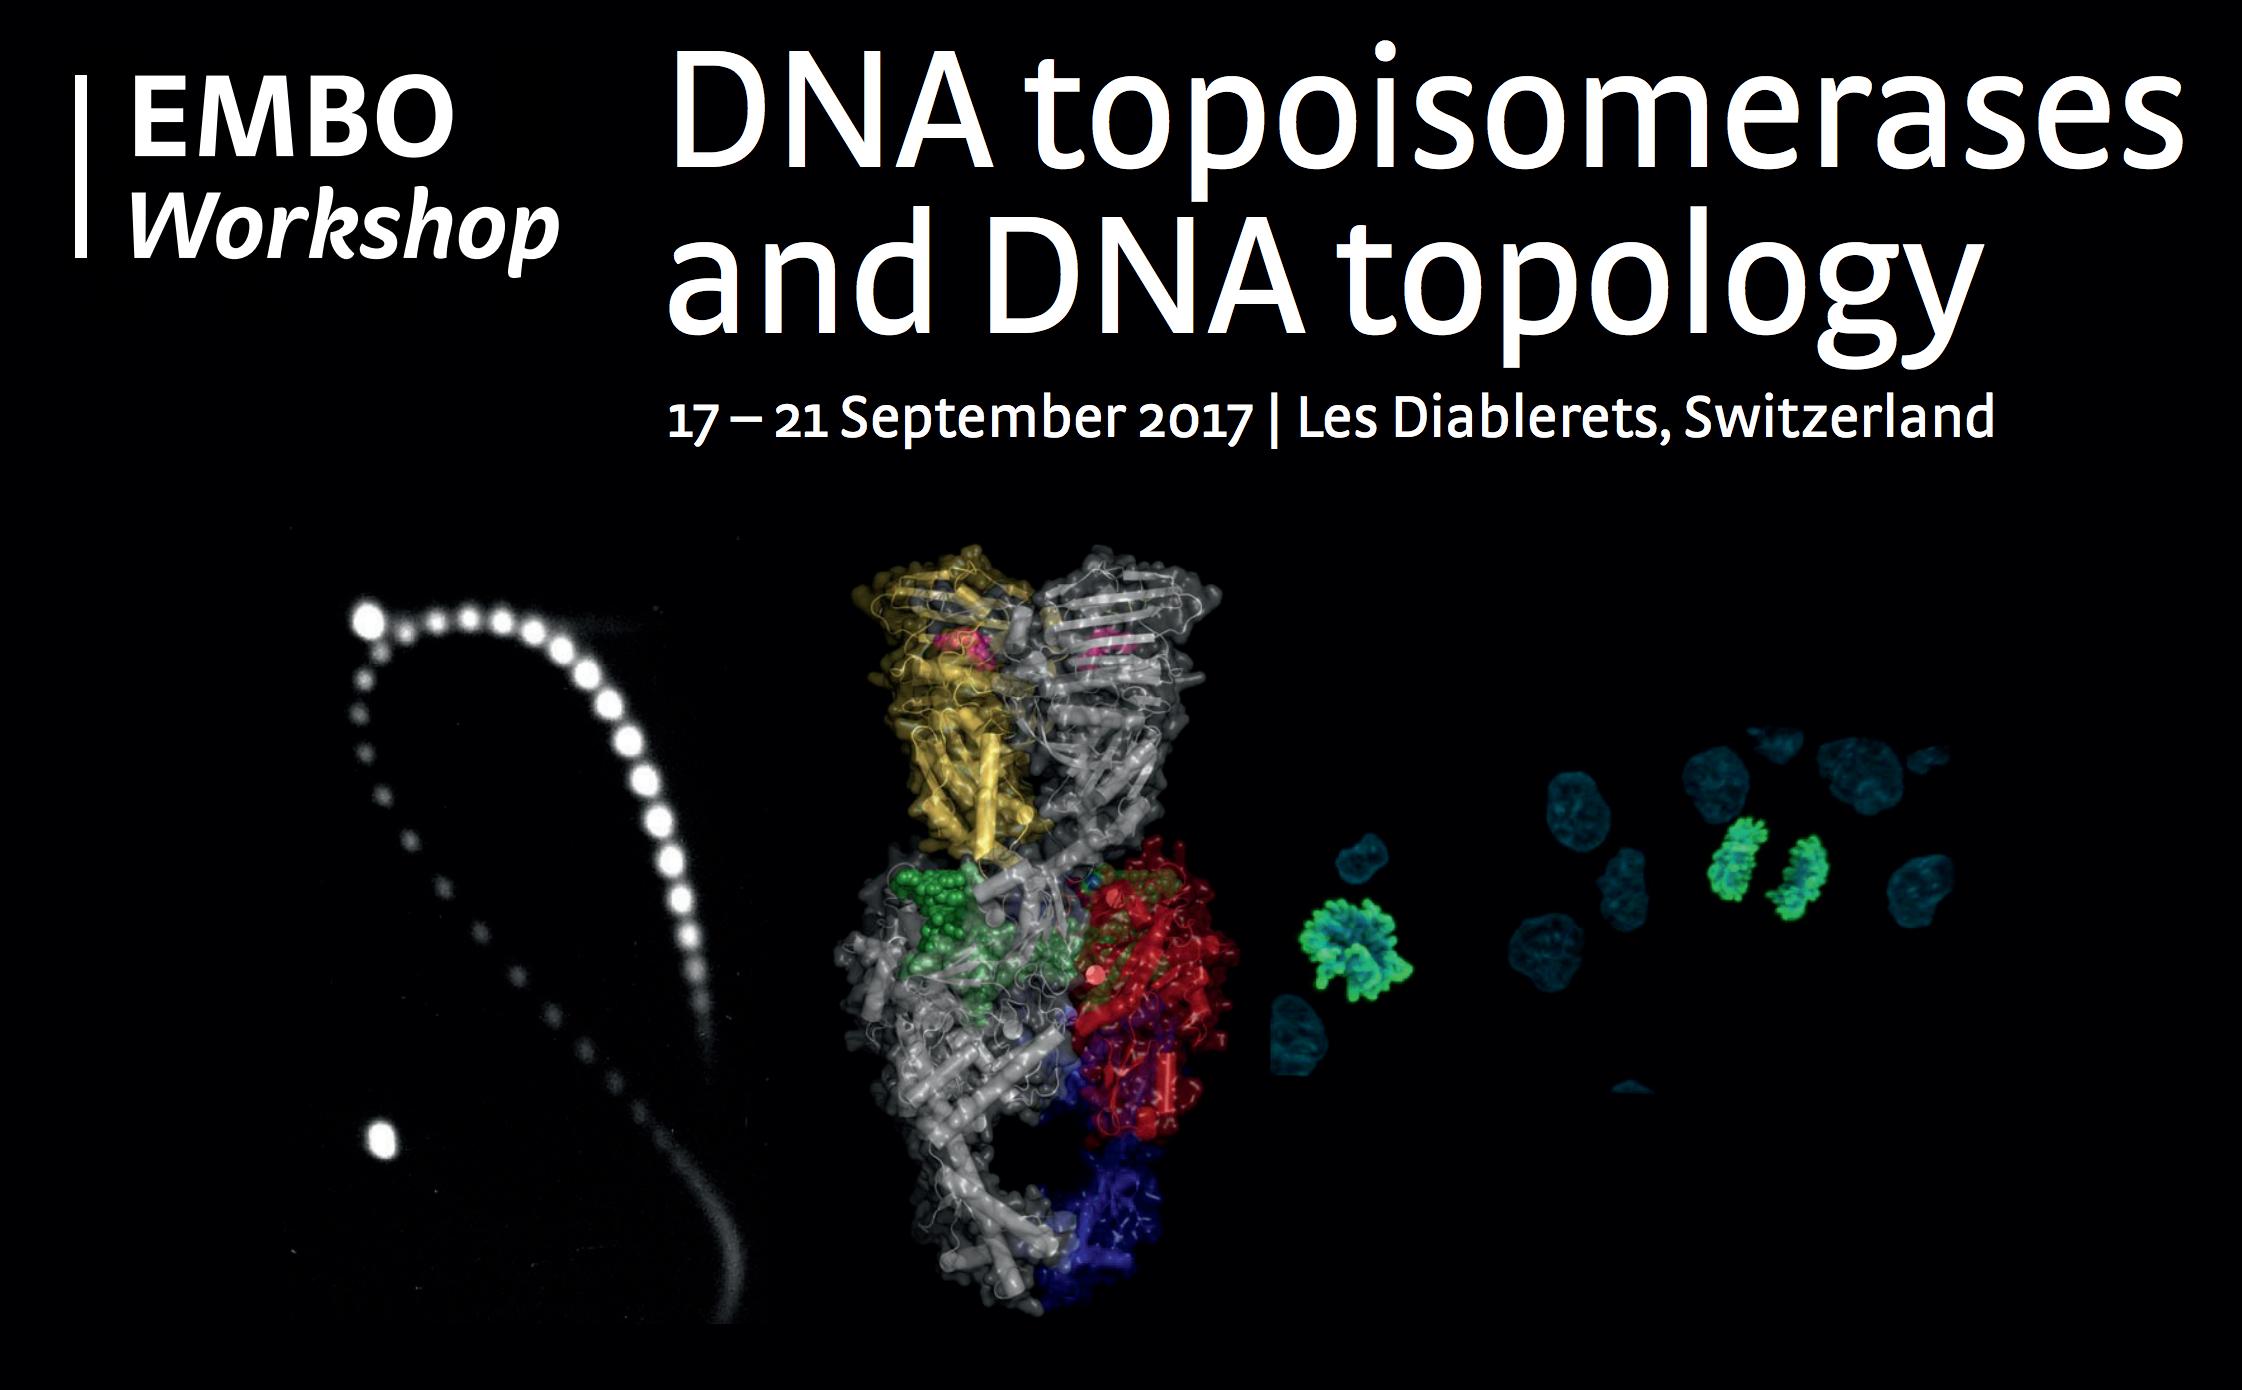 topoisomerase